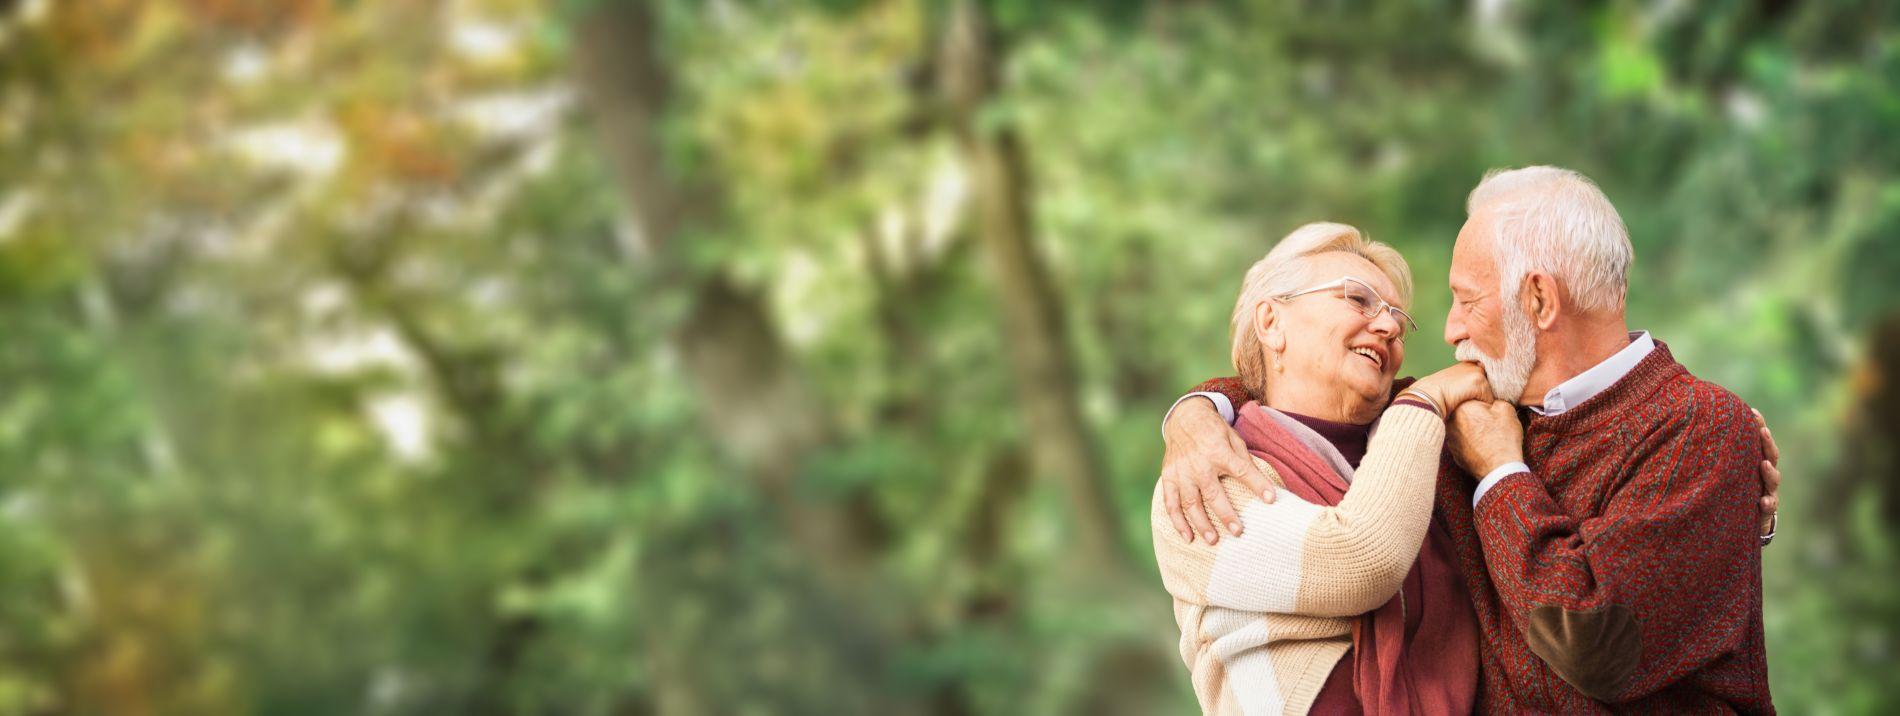 Экспресс кредит без отказа пенсионерам